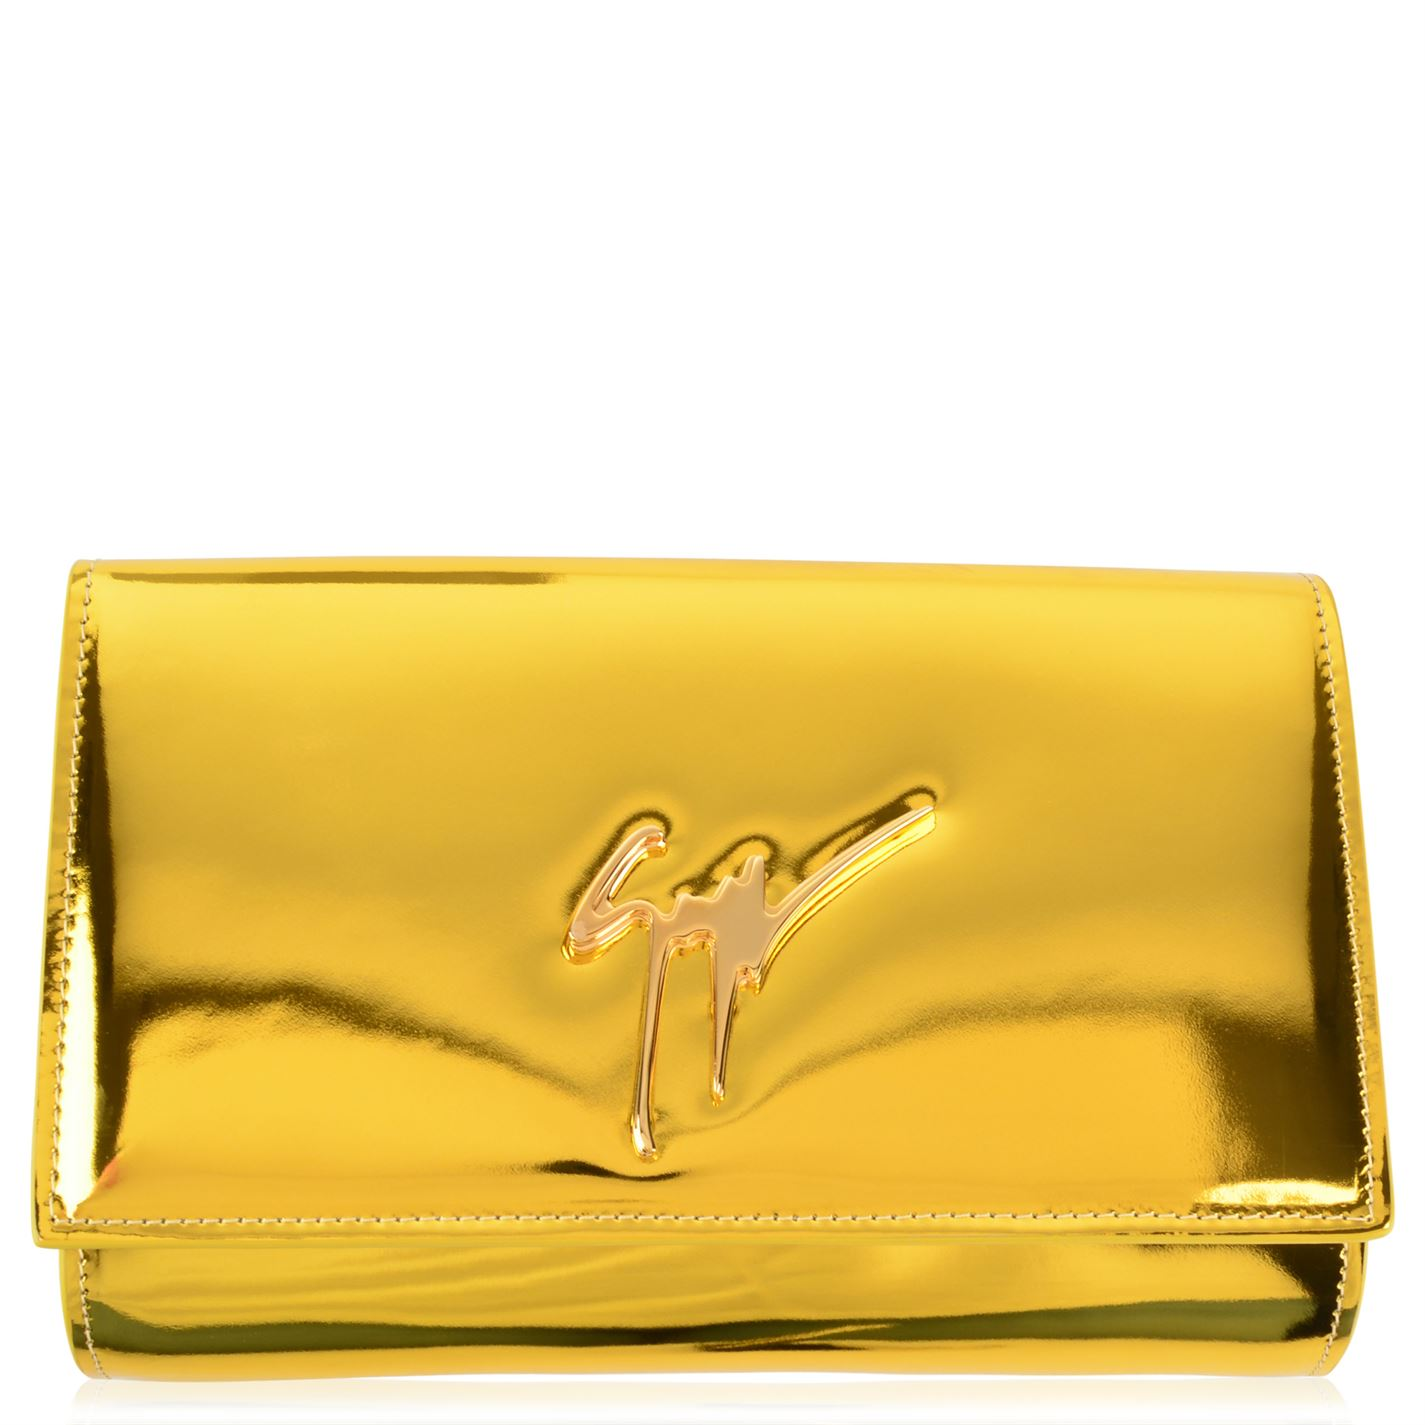 Geantă de mână GIUSEPPE ZANOTTI Metallic Chain Bag